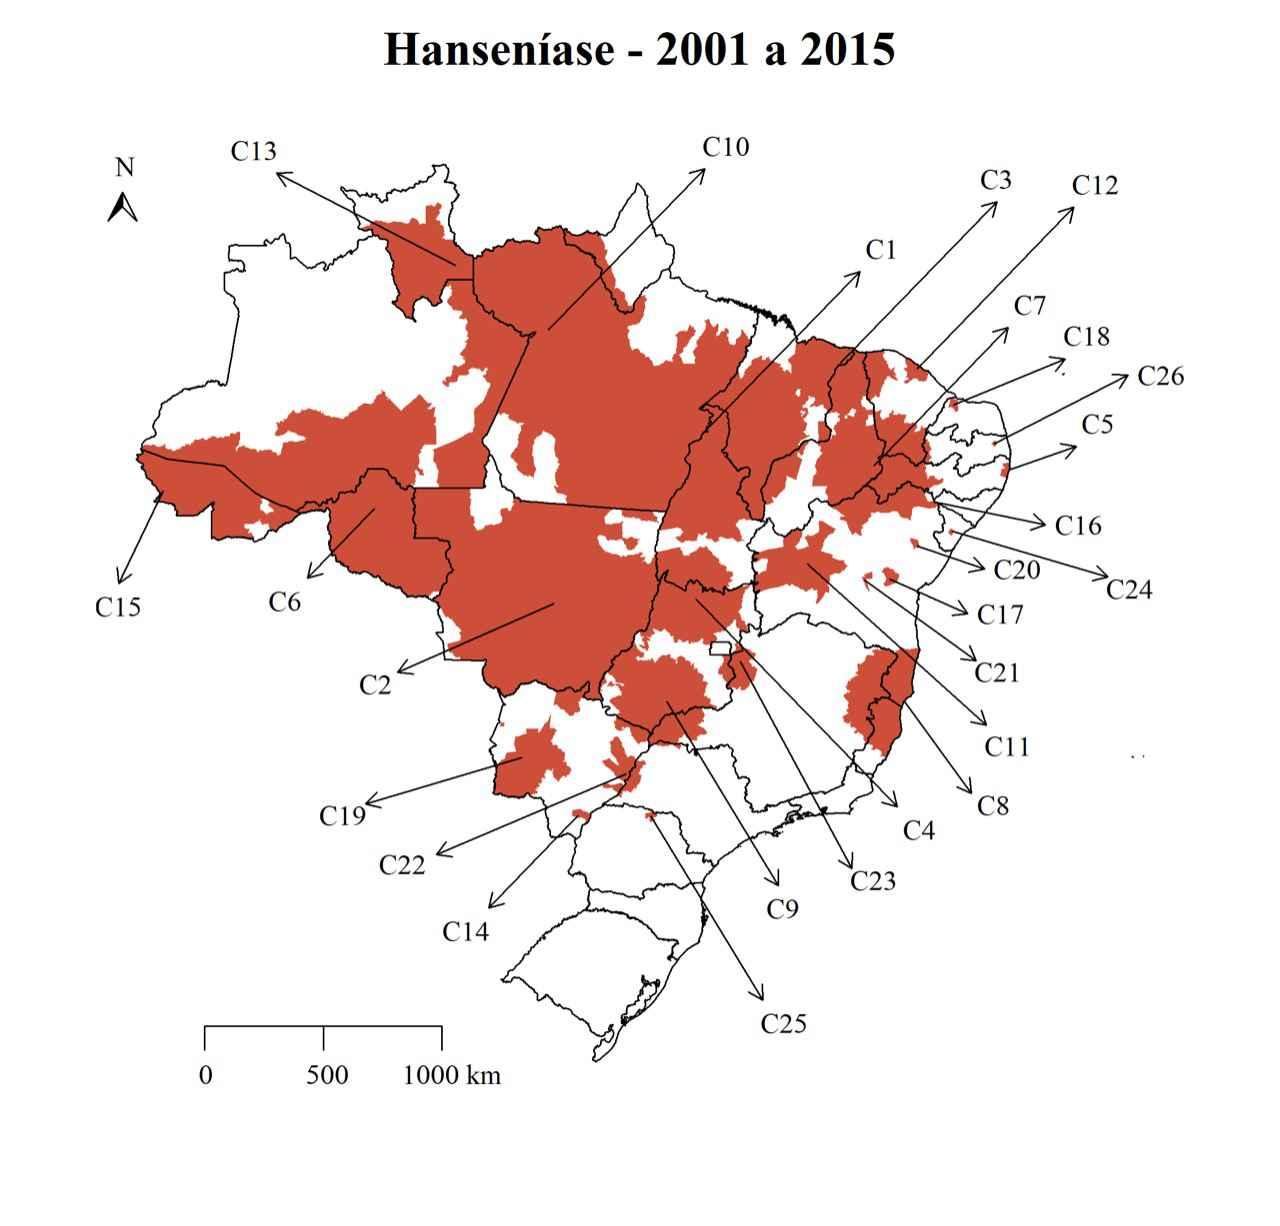 Rayssa Rodrigues identificou áreas de concentração da hanseníase no Brasil